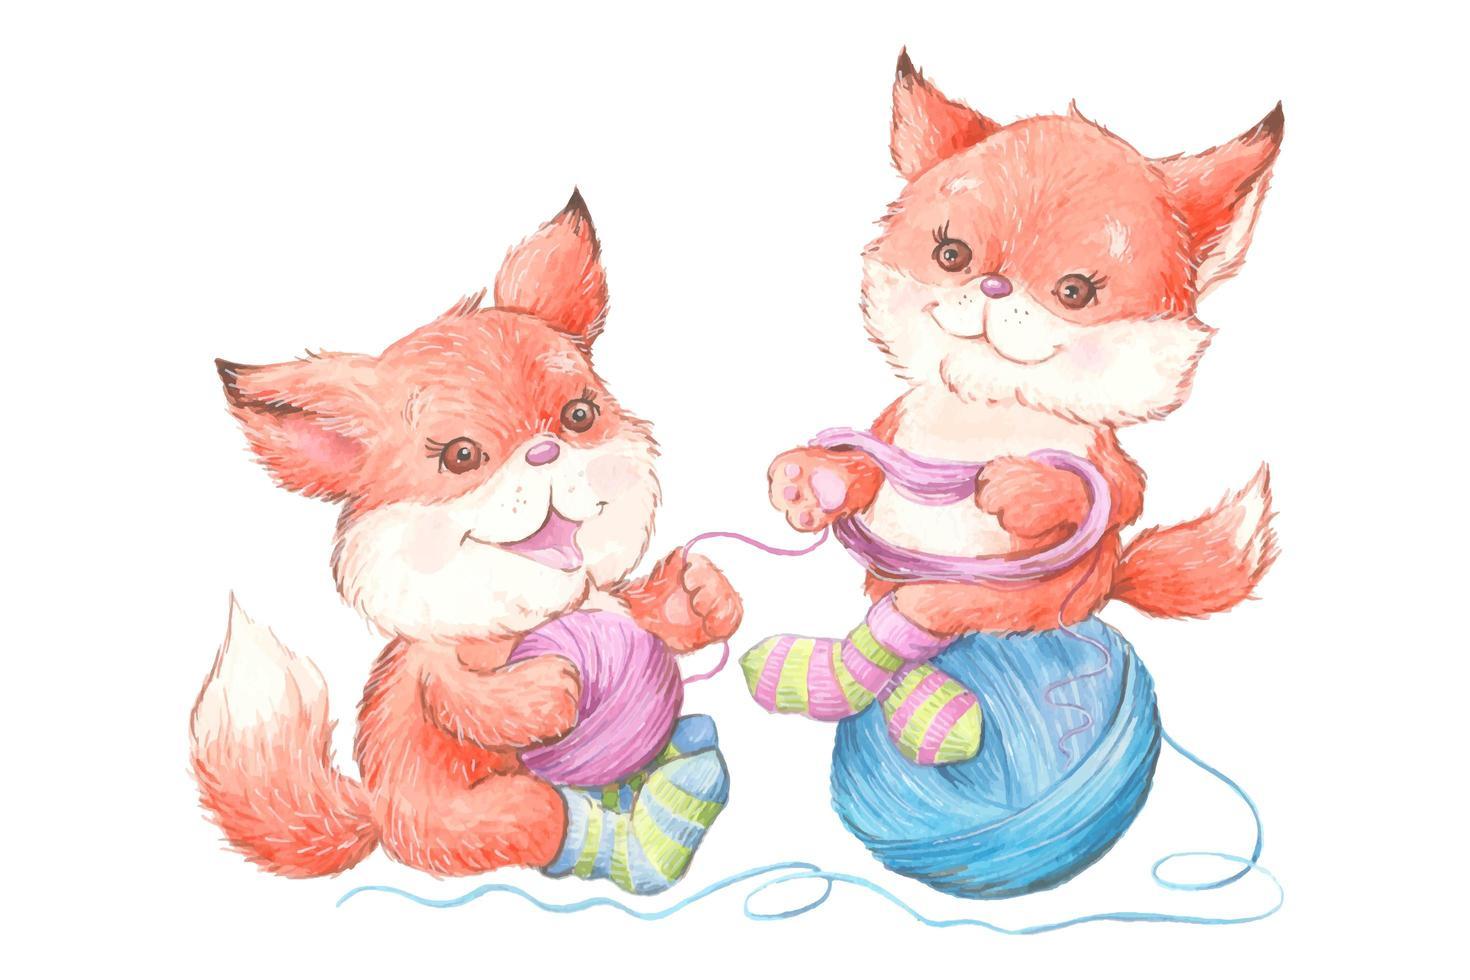 renards de dessin animé mignon aquarelle en chaussettes avec bâillement vecteur